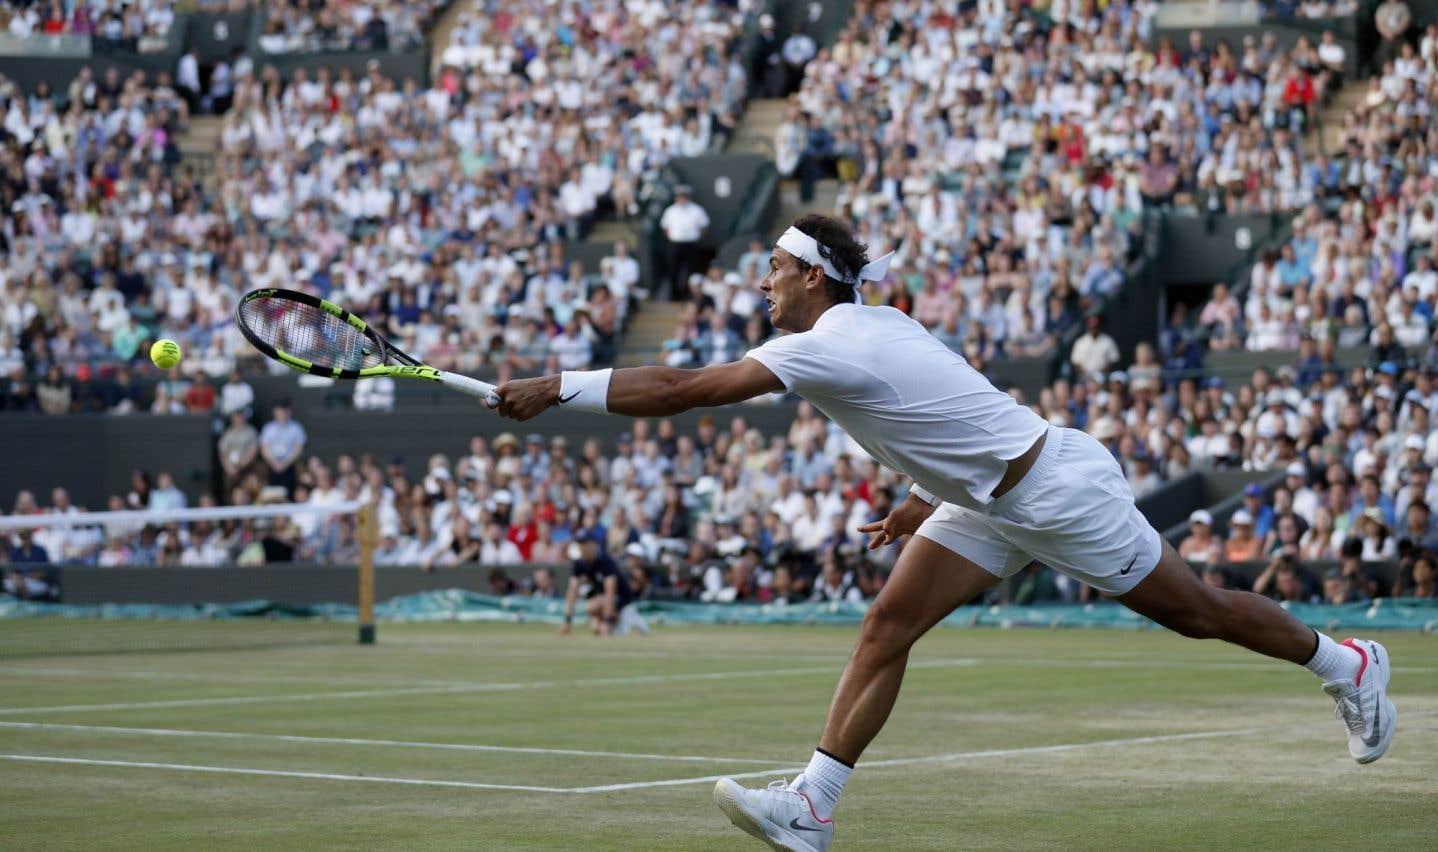 Nadal est surpris par Müller, qui atteint les quarts de finale à Wimbledon